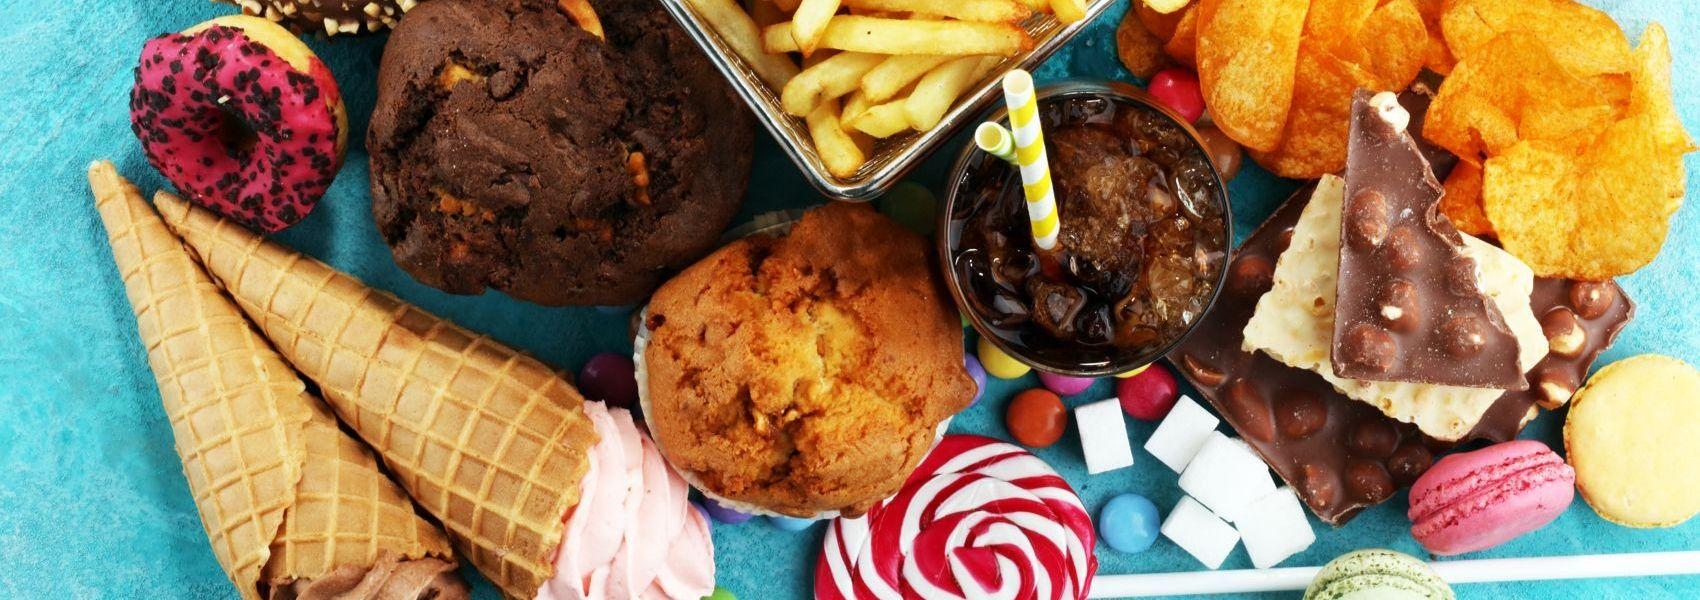 dietas ricas em gorduras e o cérebro